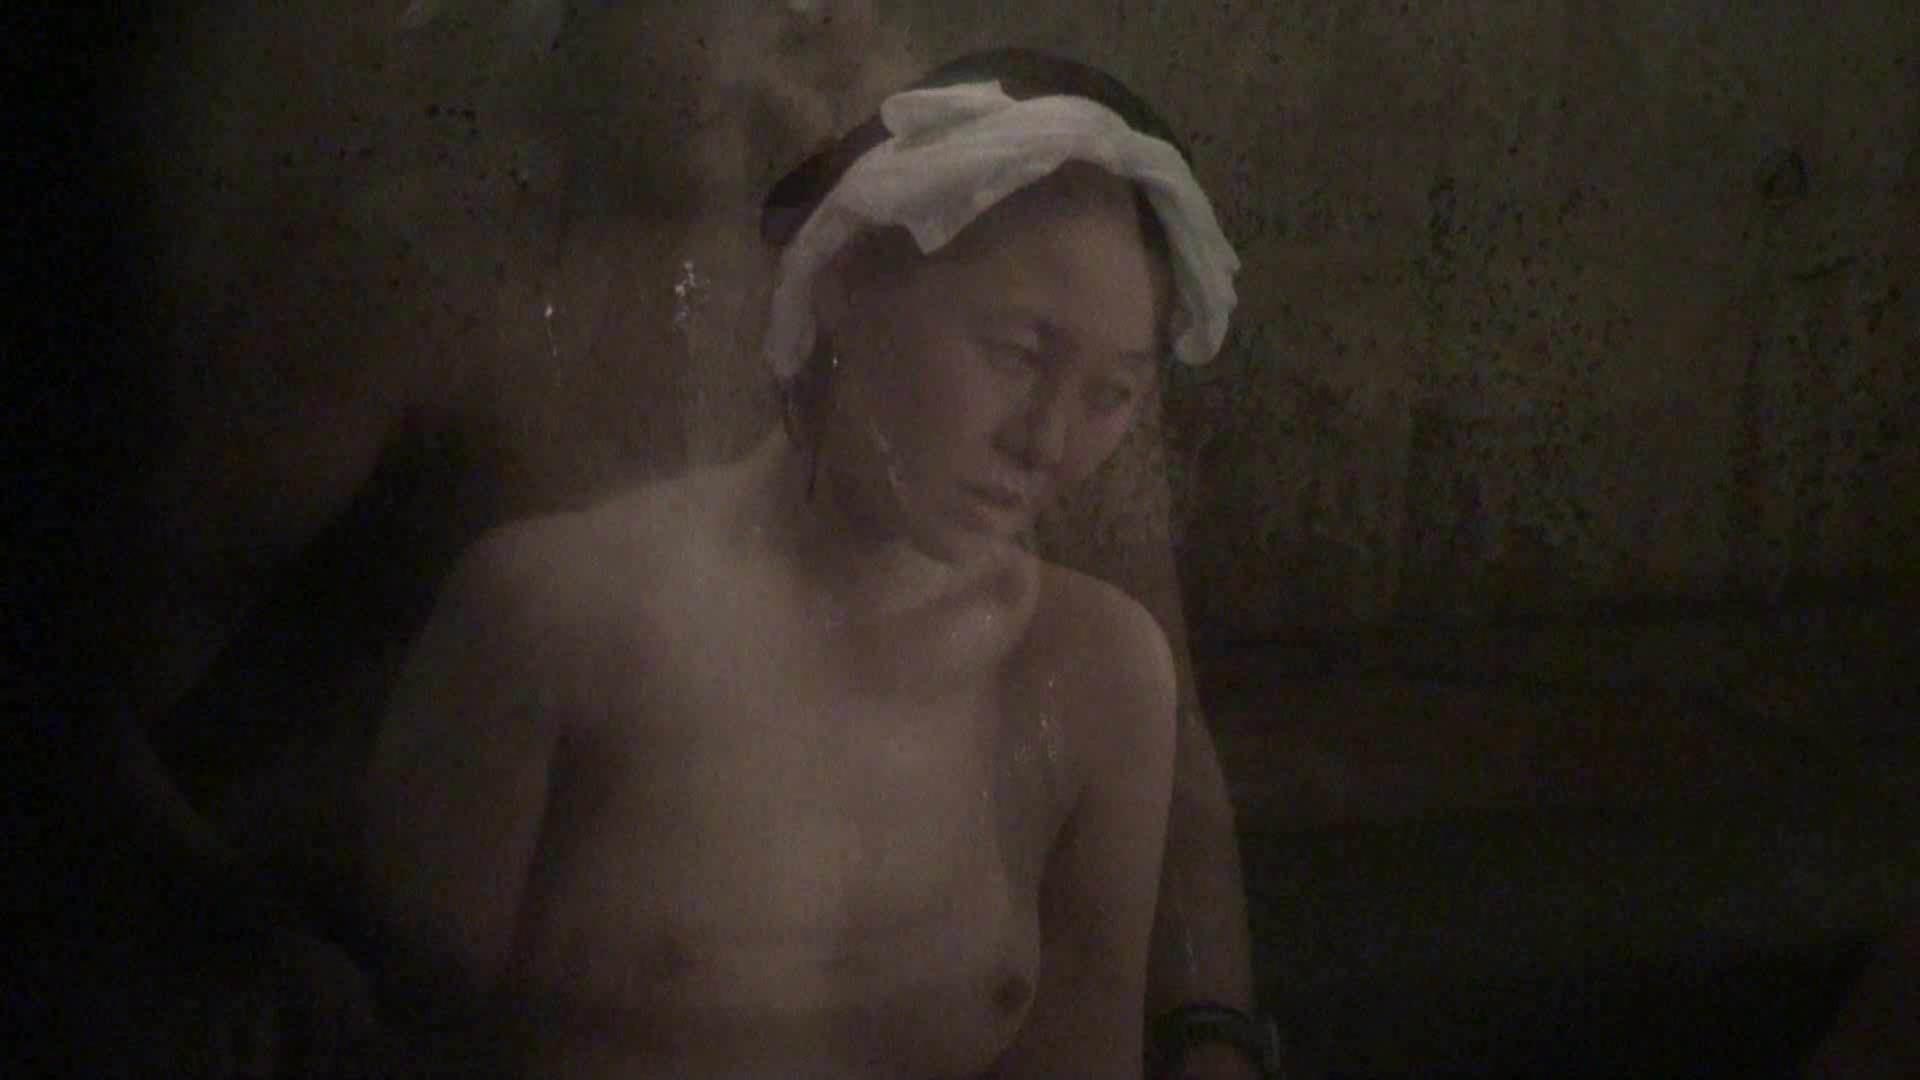 Aquaな露天風呂Vol.322 OLエロ画像 | 盗撮  59PICs 55